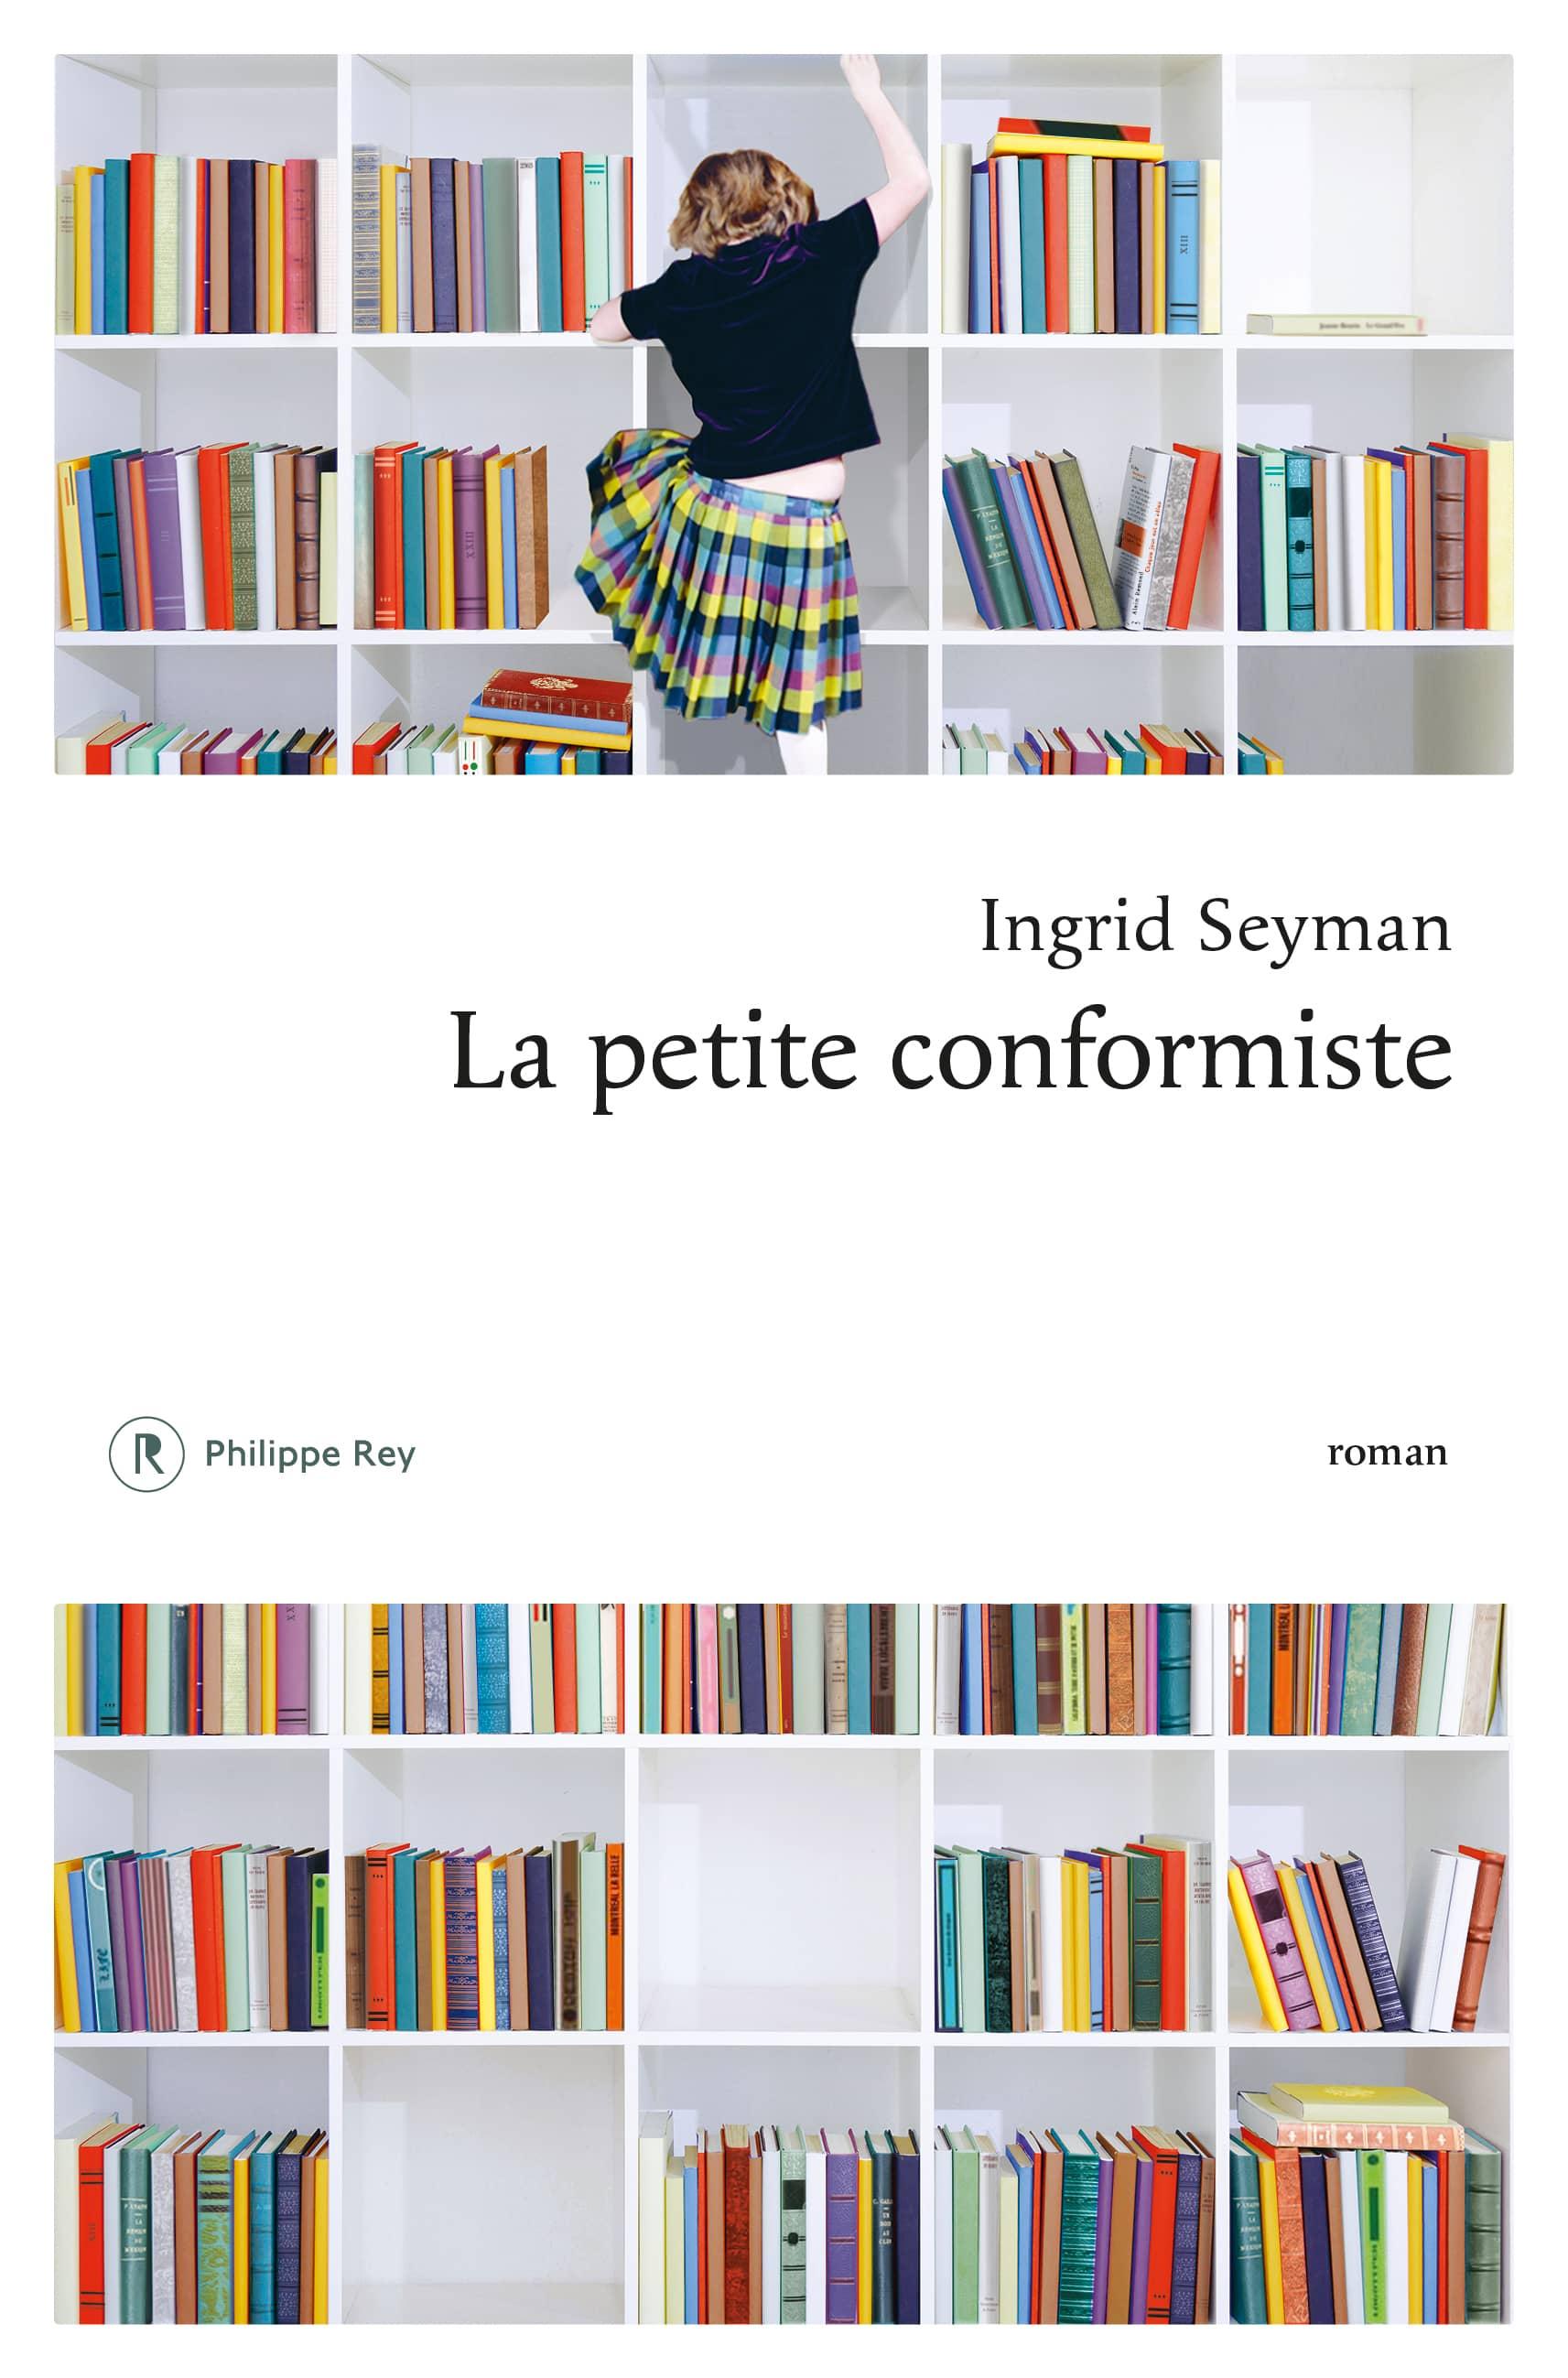 Couverture Une Jeune Fille Grimpe Sur Les étagères D'une Bibliothèque